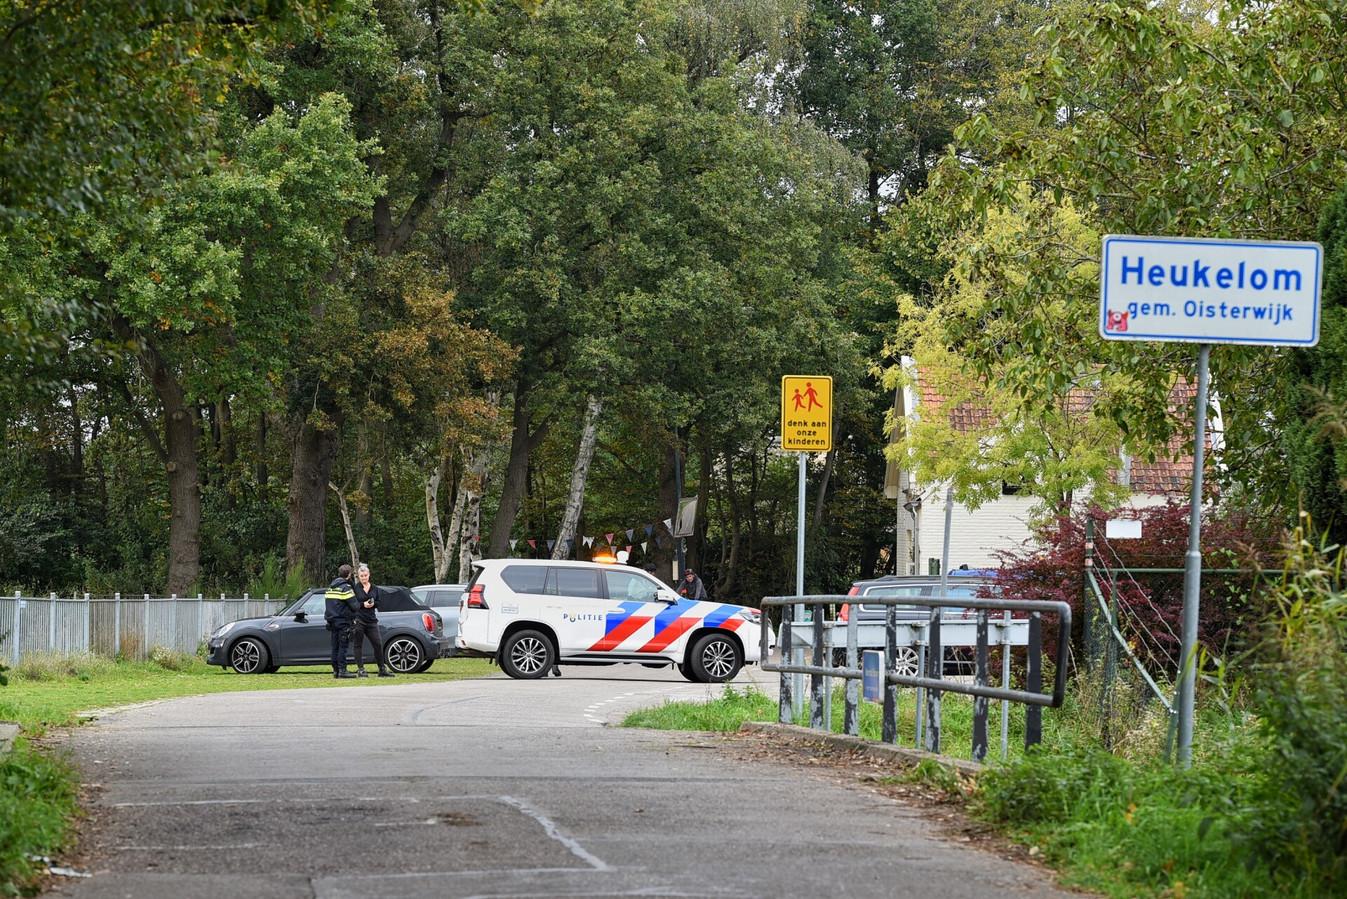 Kogels en explosief opgevist in Heukelom.